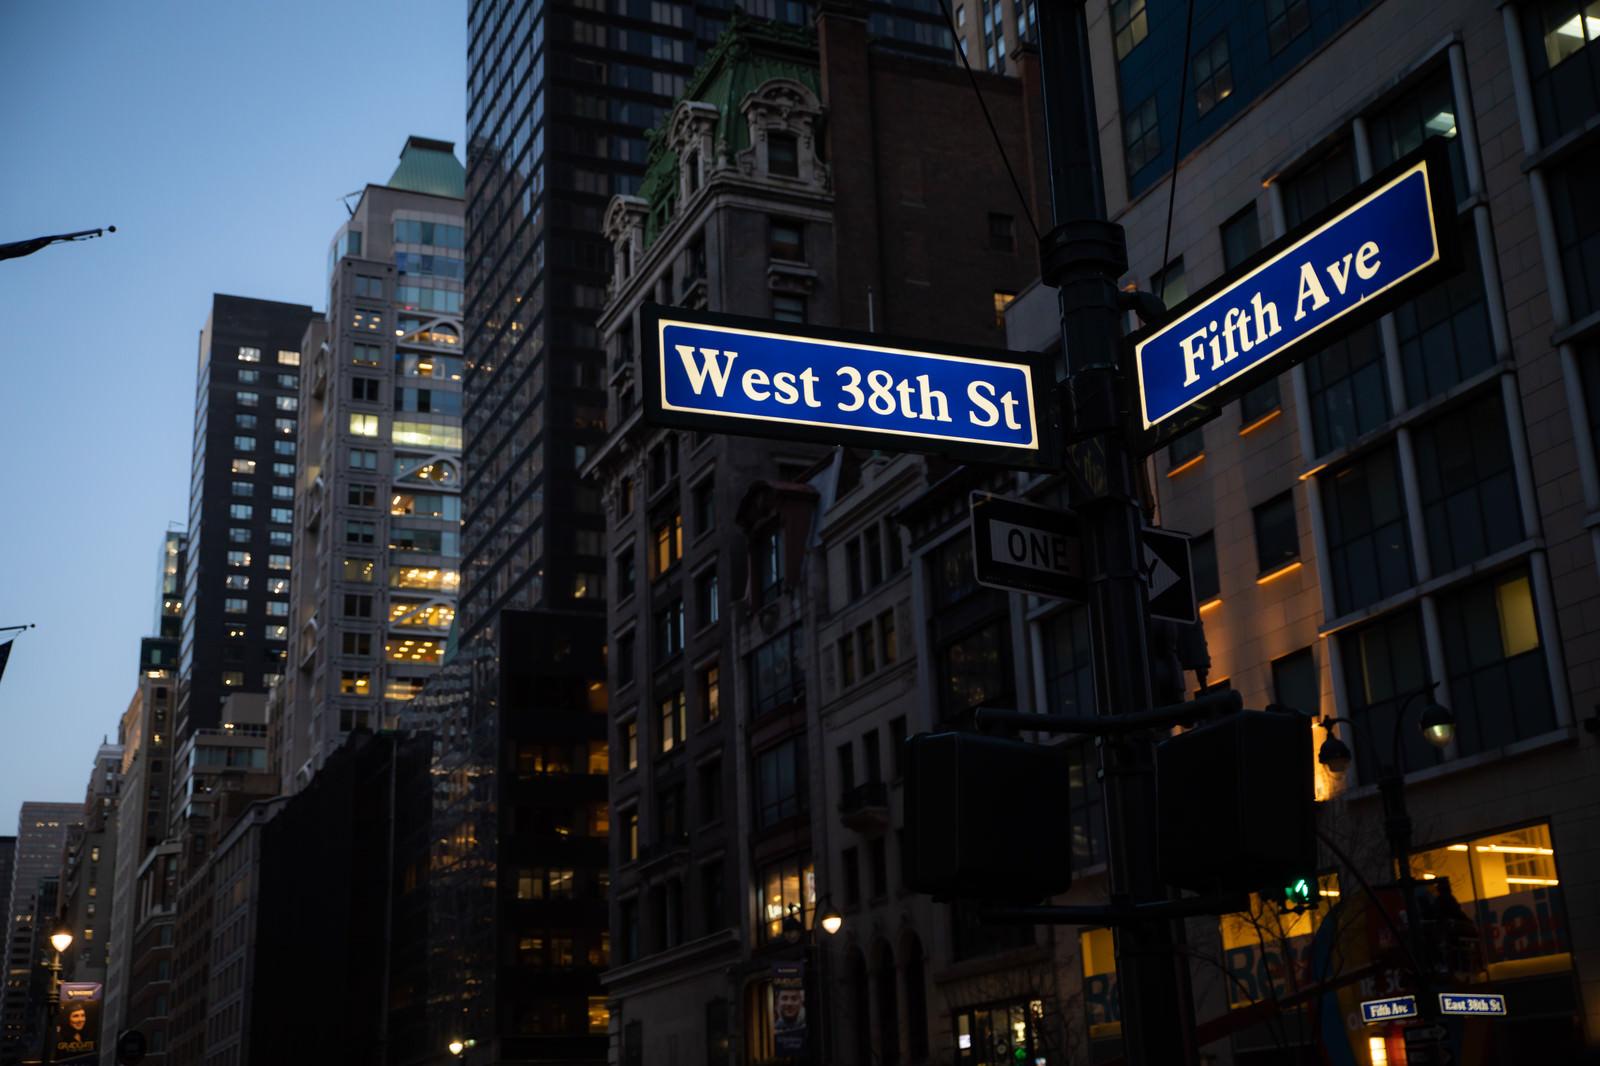 「ニューヨークに建ち並ぶビルとストリートサイン」の写真